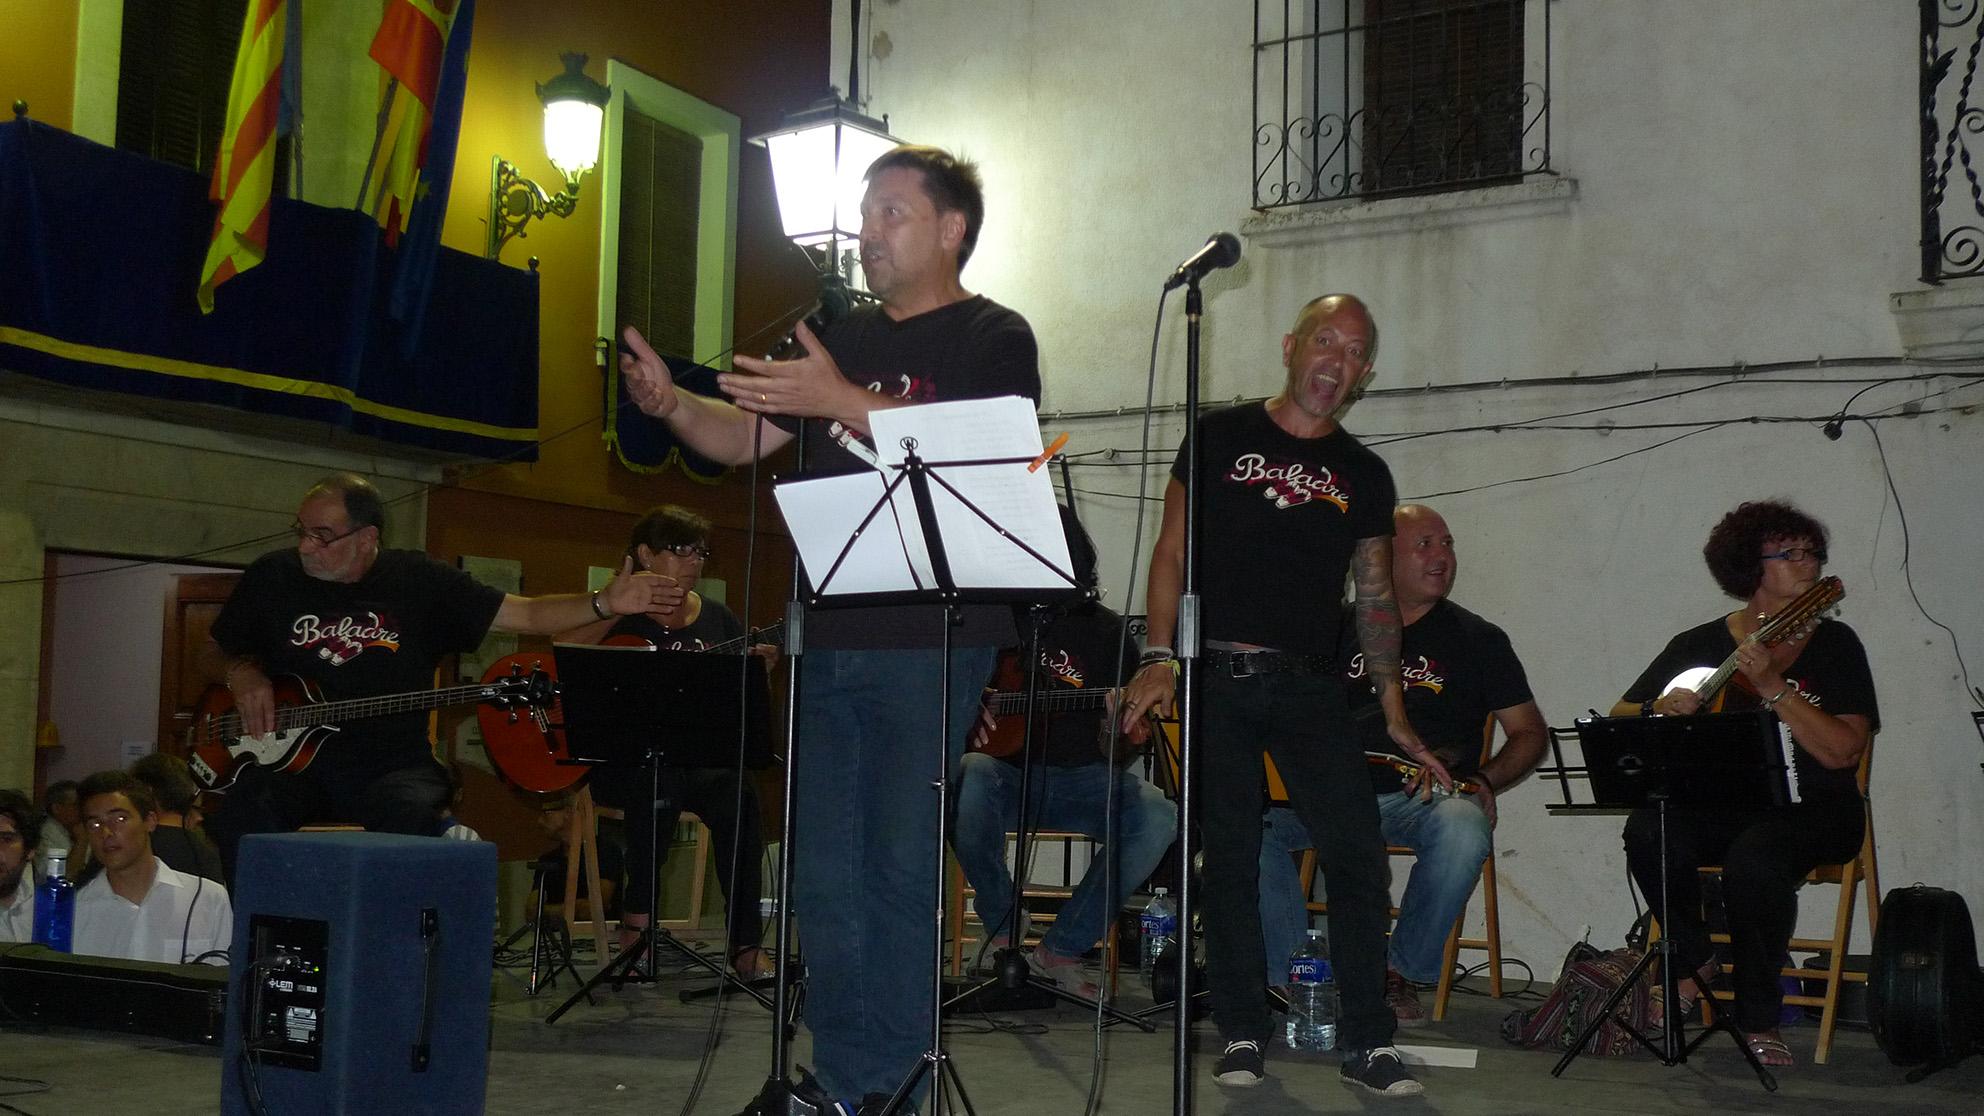 2014-09-05 R.Baladre a les Danses de Gaianes (84)